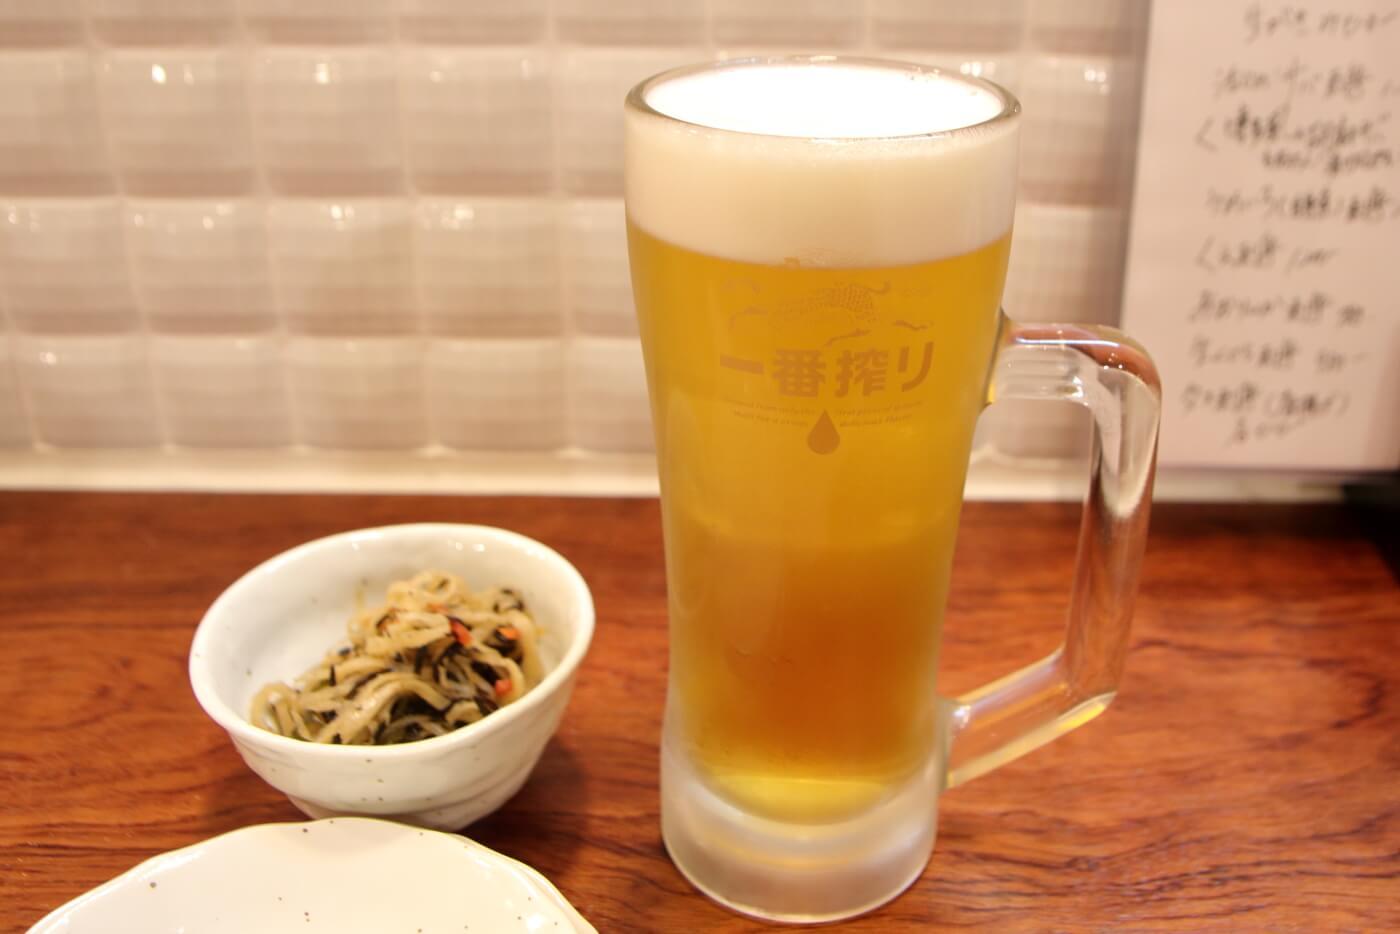 リニューアルオープンした高知市の居酒屋英屋のドリンク 生ビール